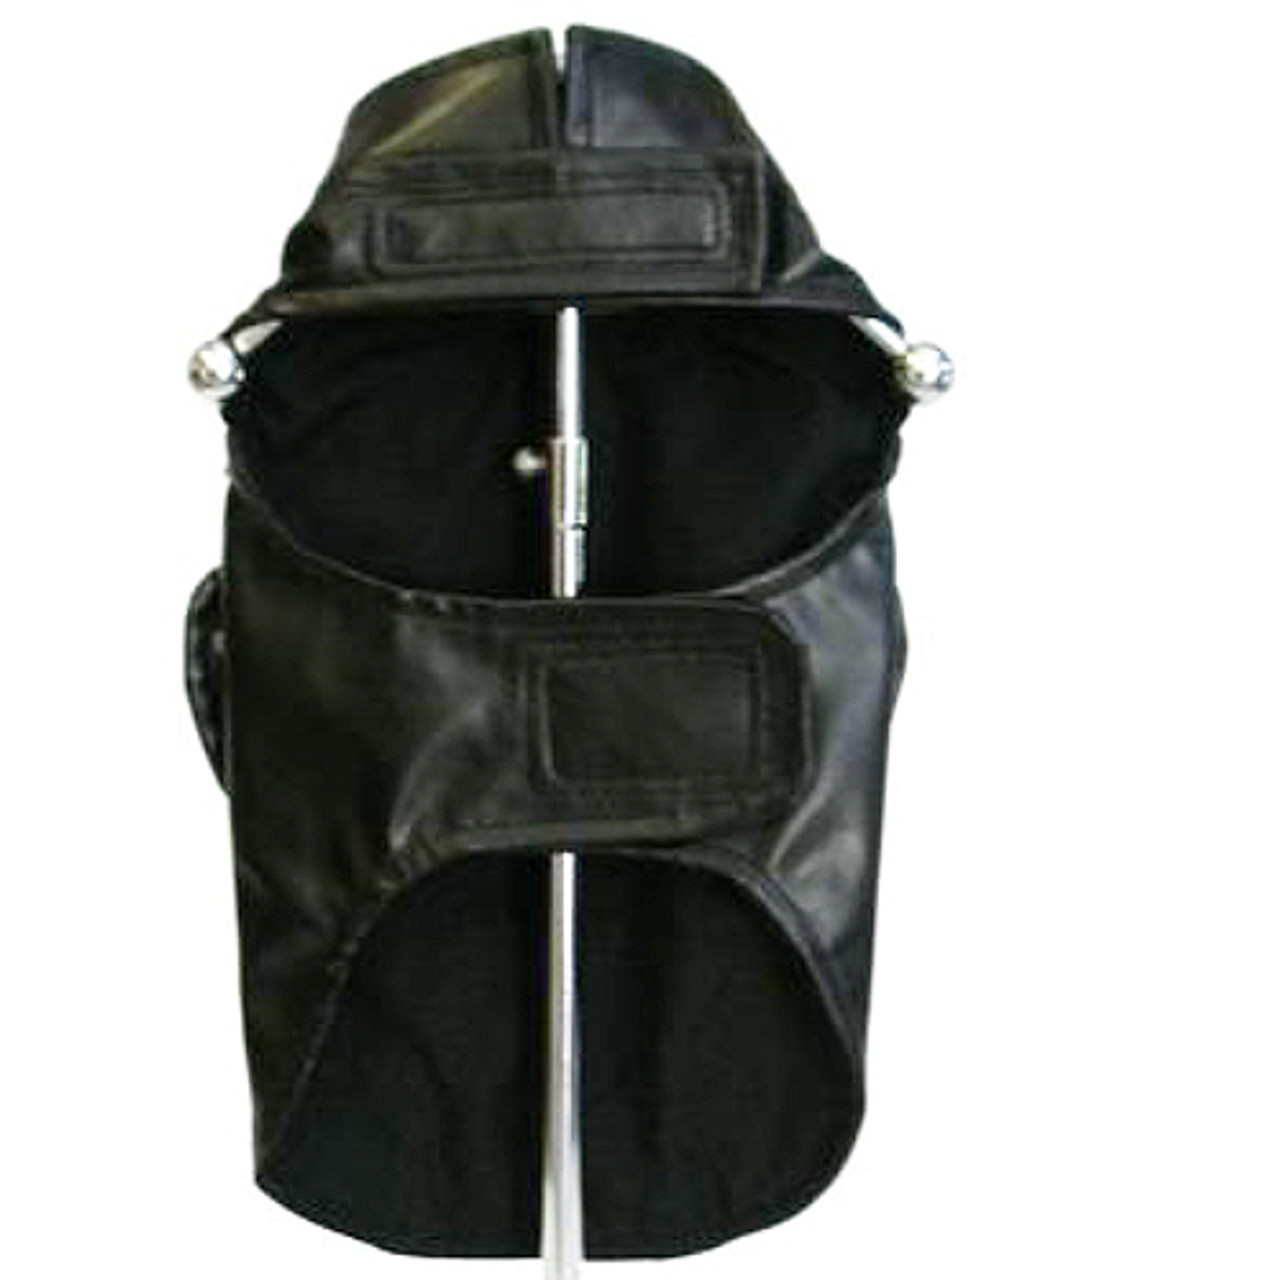 982110d54f50 Born to Ride Black Dog Biker Jacket